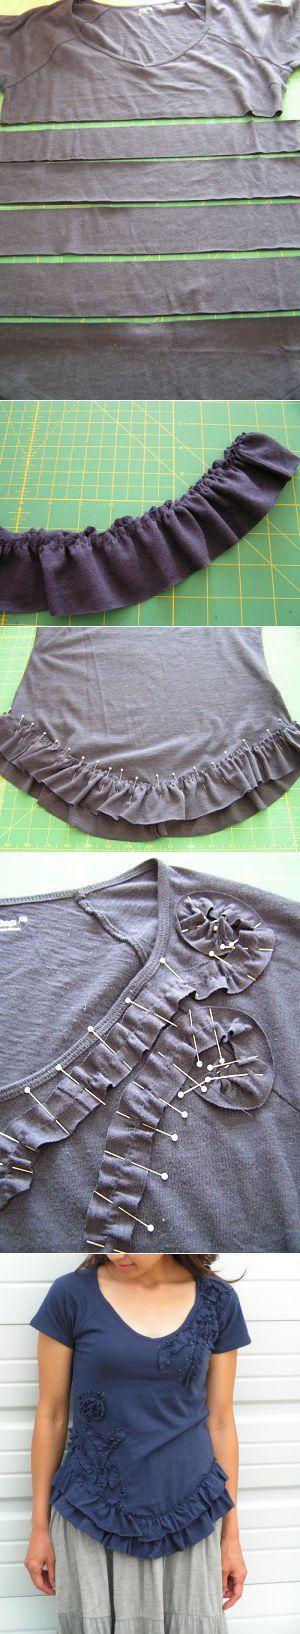 Как украсить футболку: аппликация и бусины | Ladiesvenue